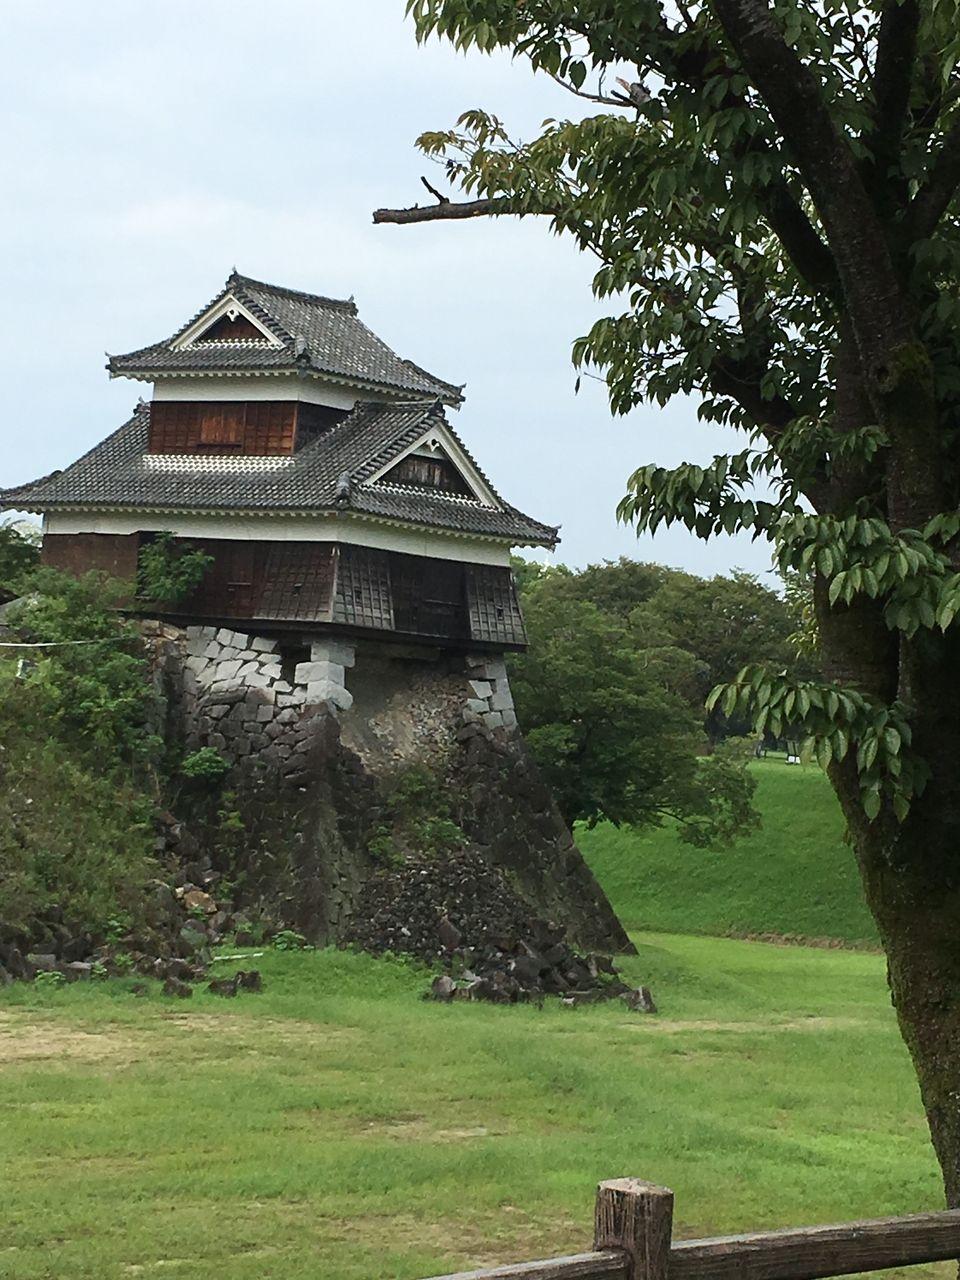 復興進む熊本城Ⅴ